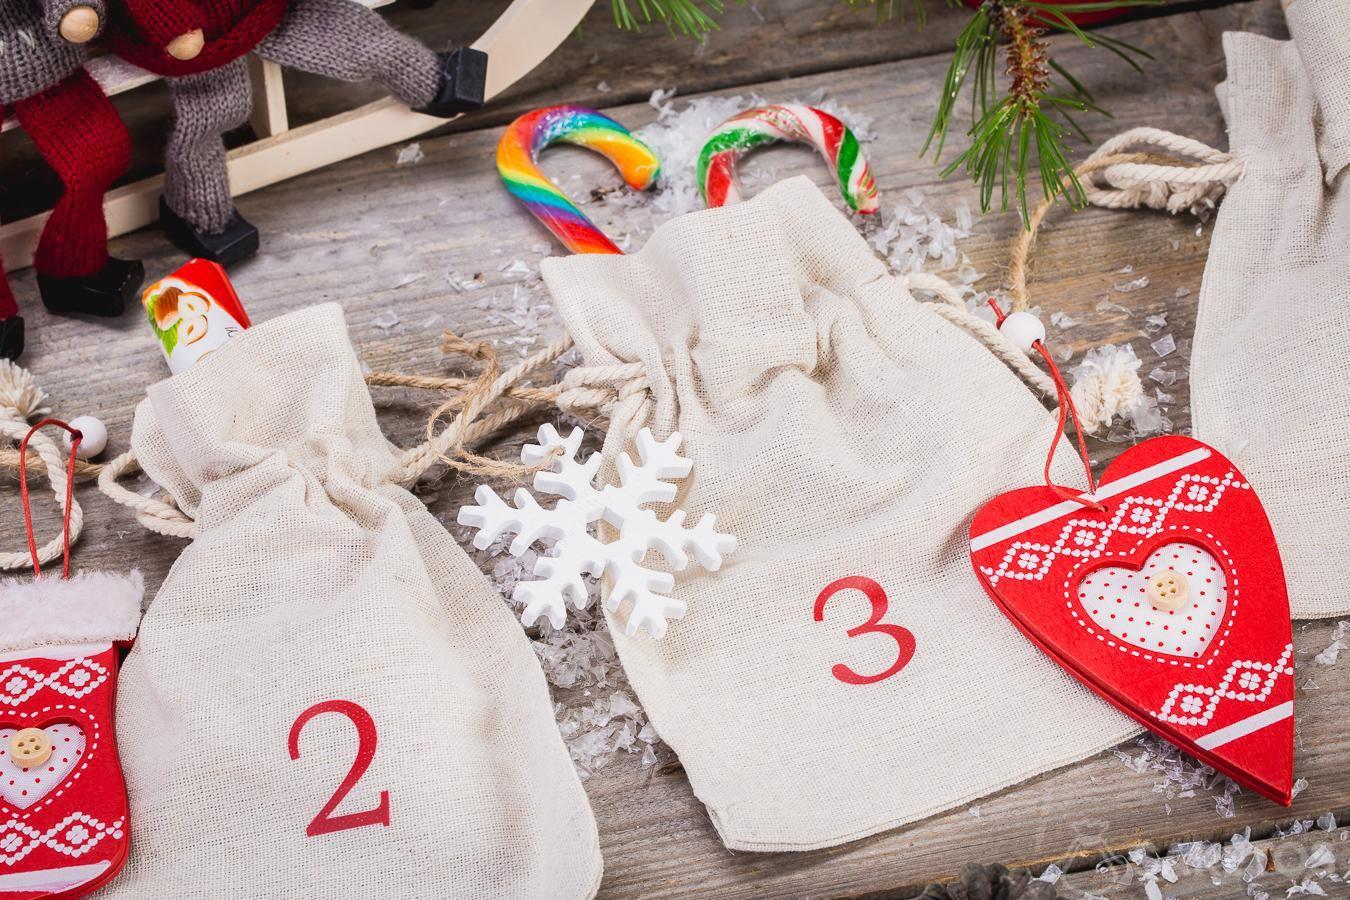 Calendario de Adviento hecho de bolsas de lino.